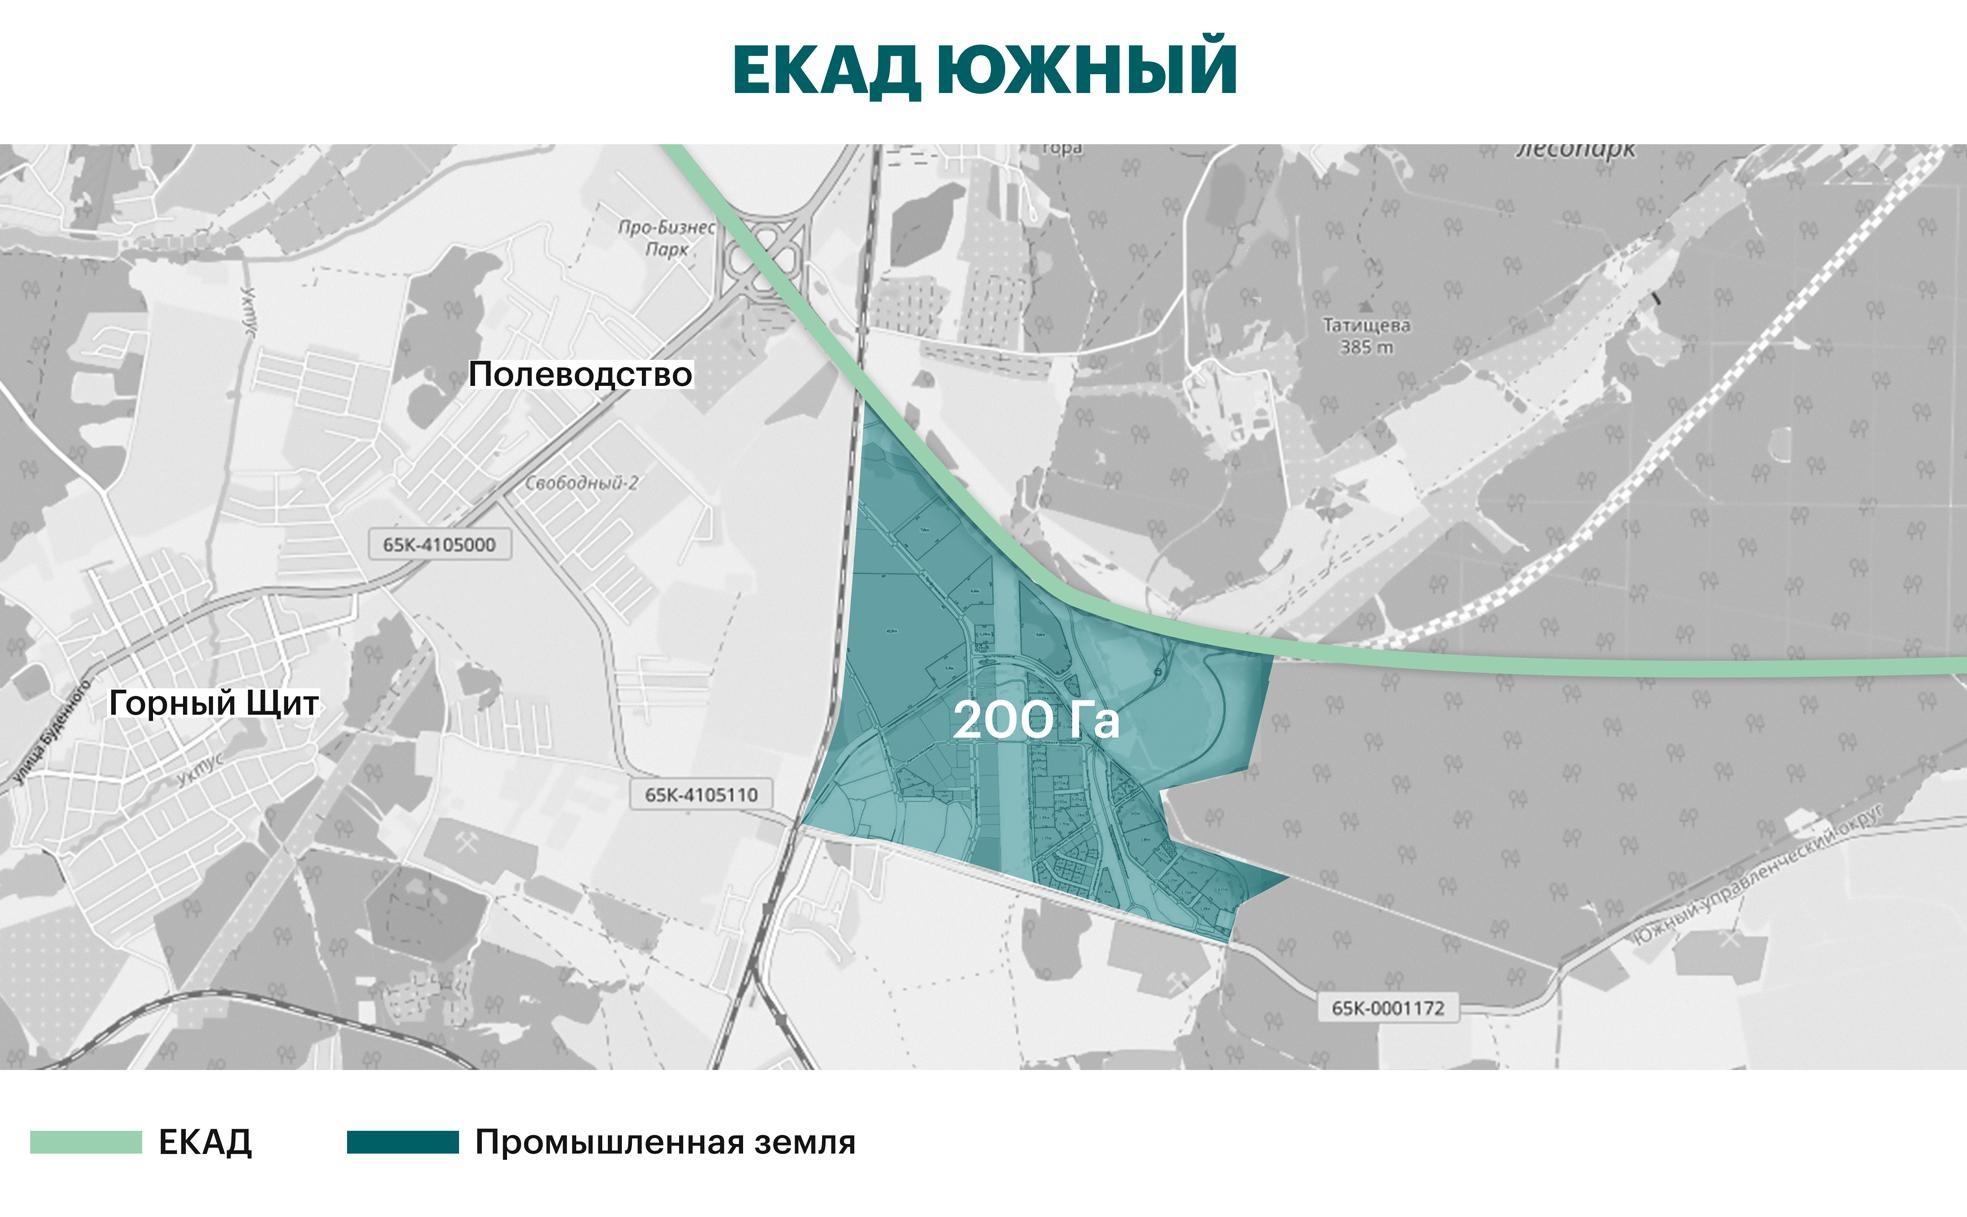 Площадка расположена в 30 минутах езды на юг от центра Екатеринбурга.